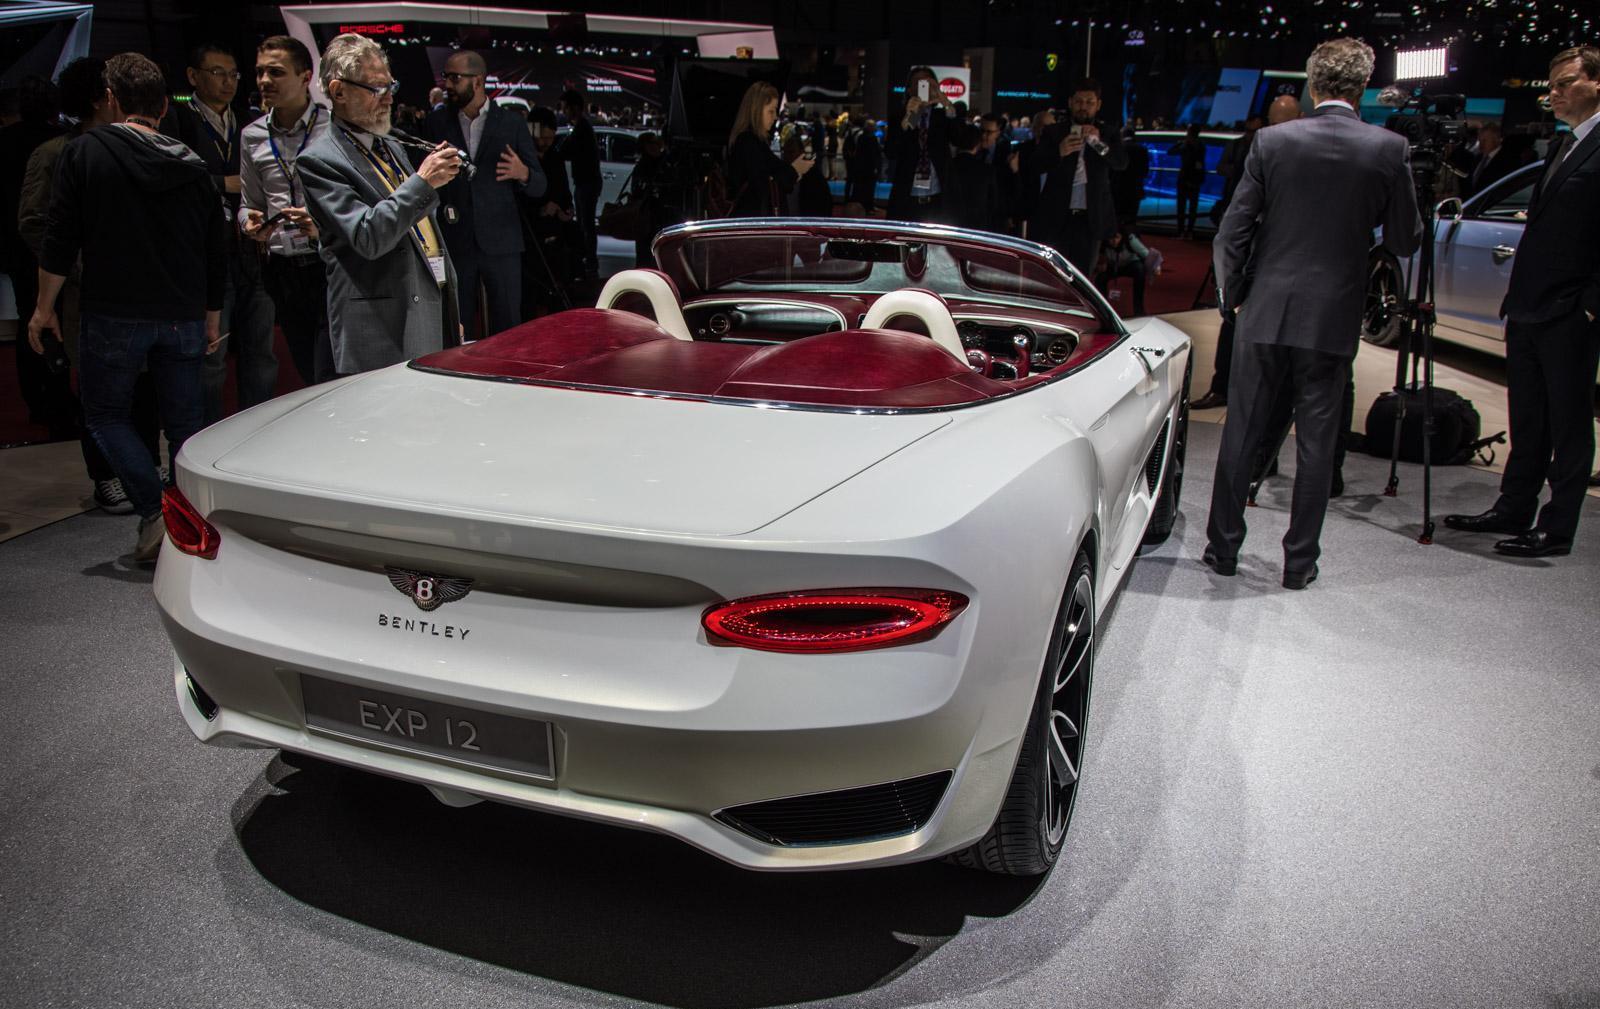 Bentley-exp-015